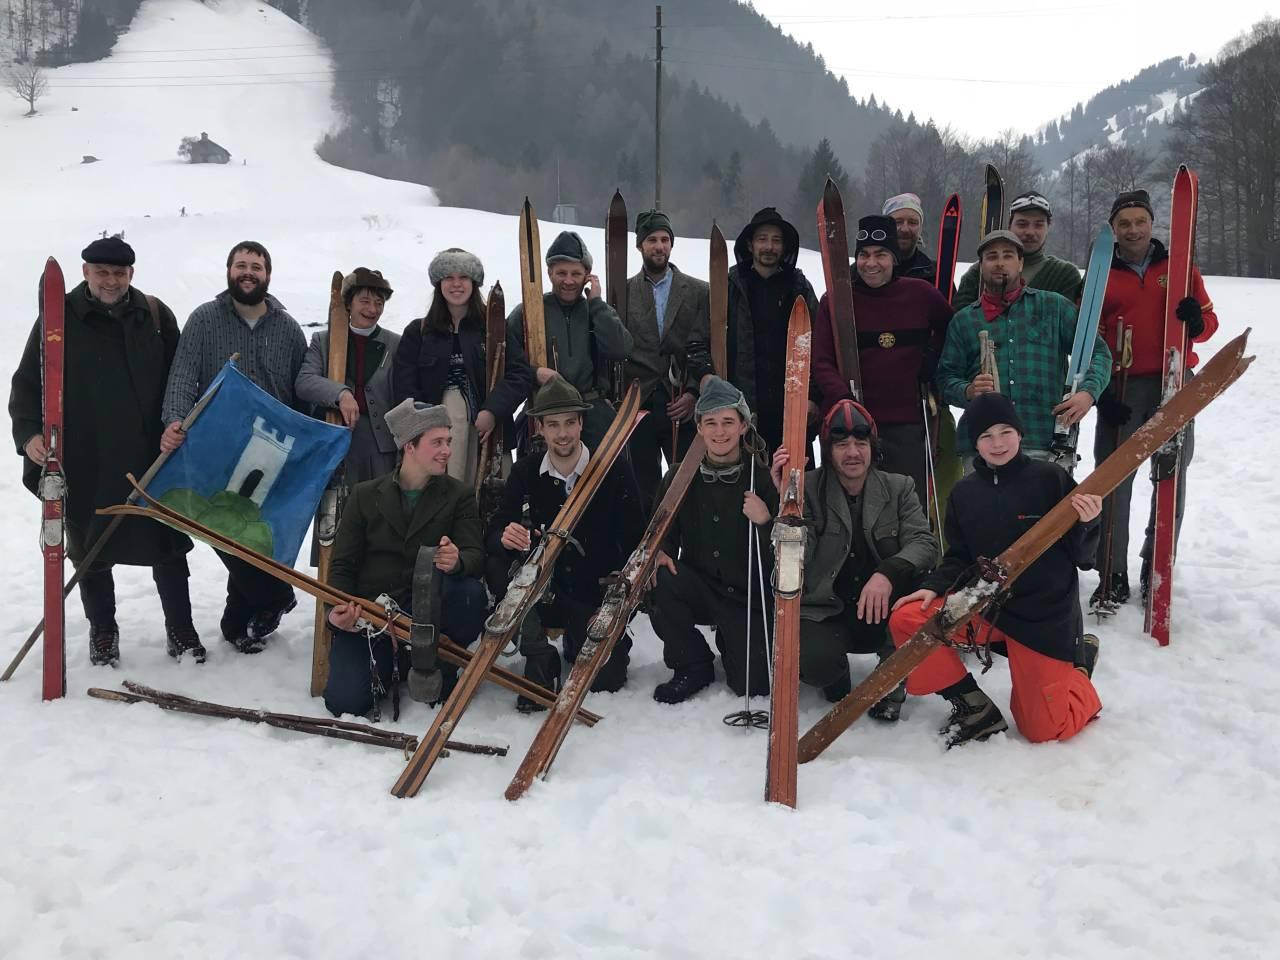 Gruppenfoto Nostalgie Rennen am Tschennerrennen 2018